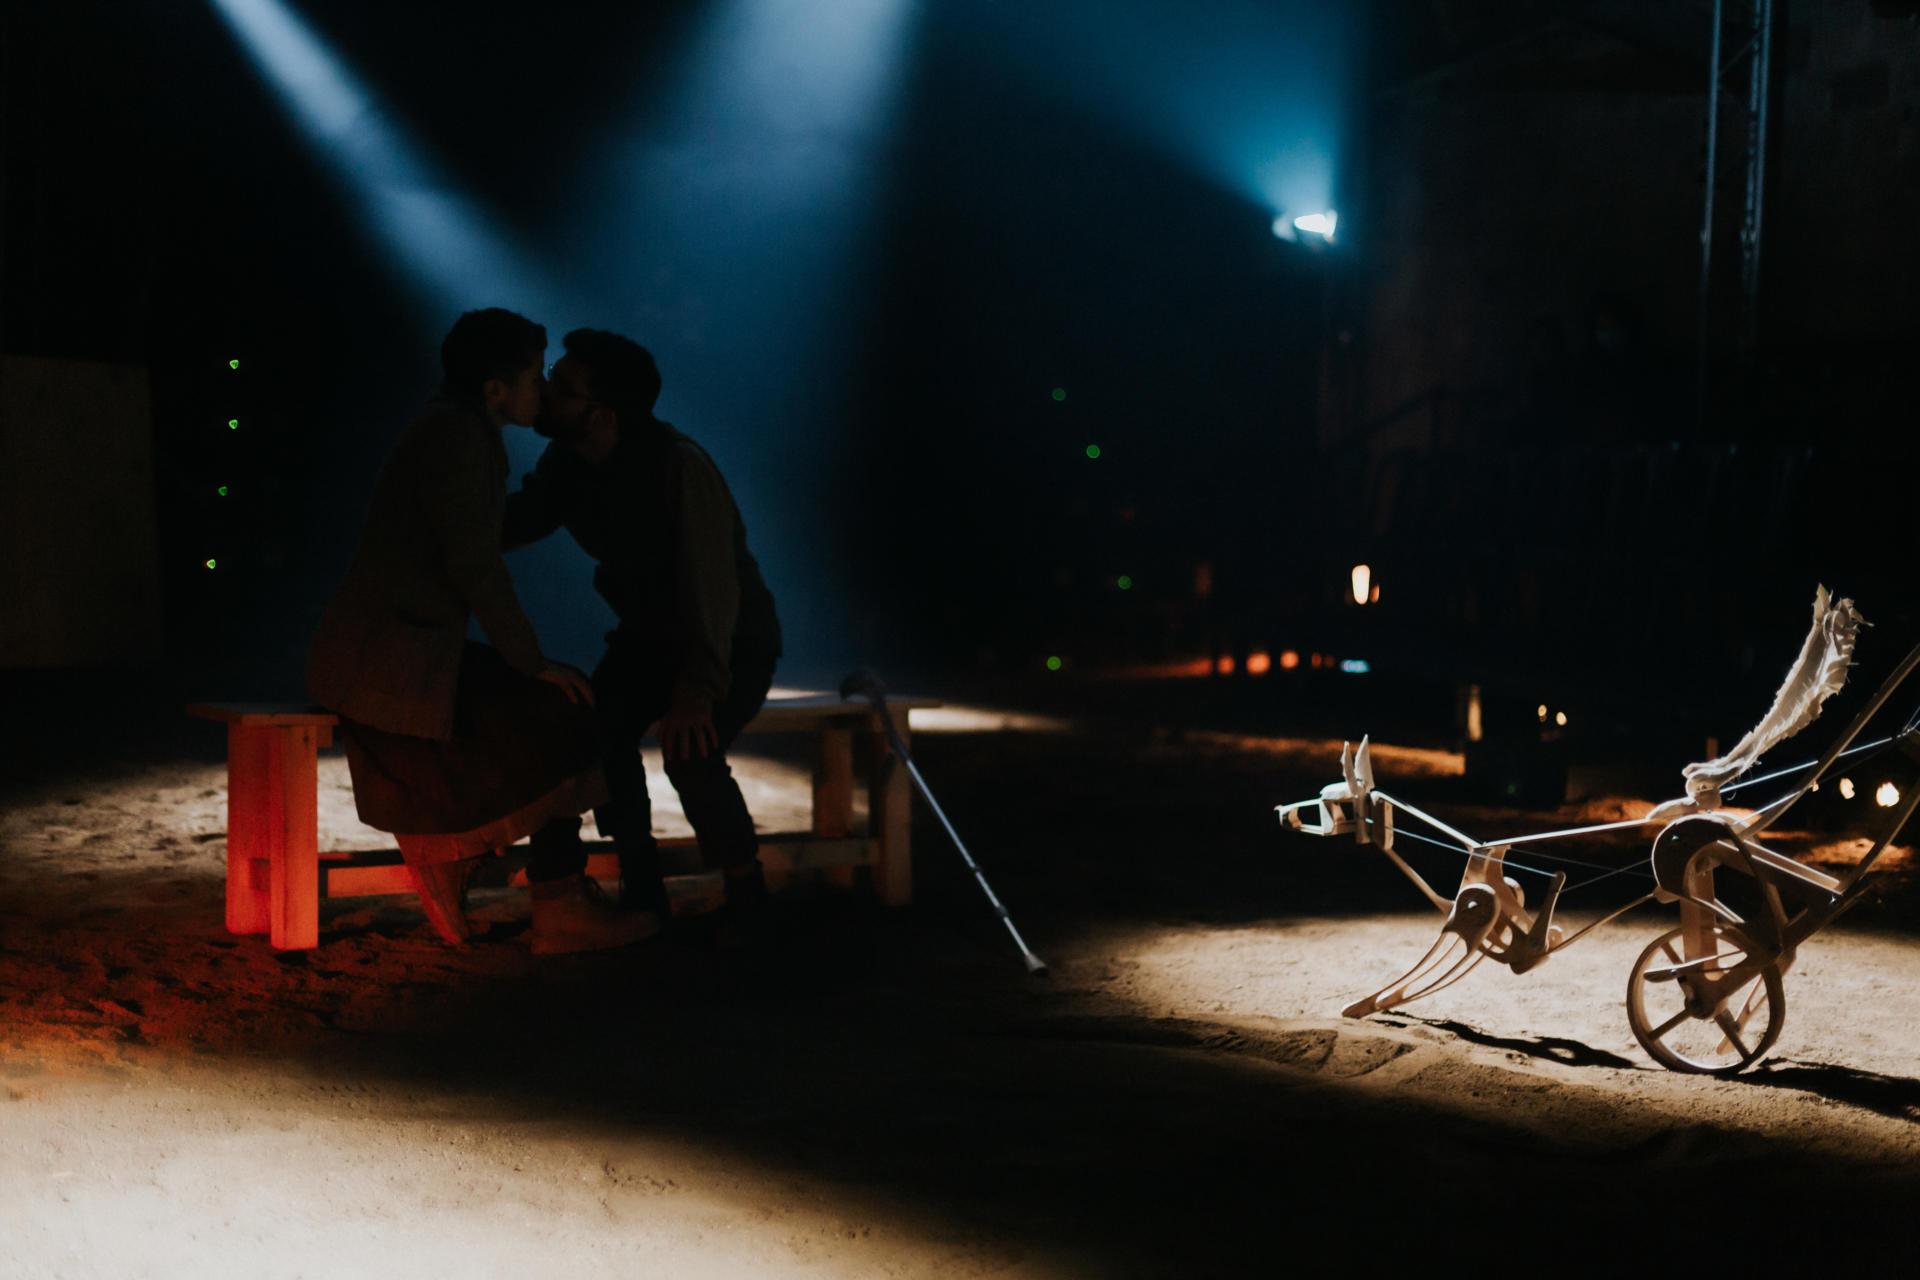 Anna Sahun i Ireneu Tranis a 'Canto jo i la muntanya balla', a la Biblioteca de Catalunya. Foto: La Perla 29